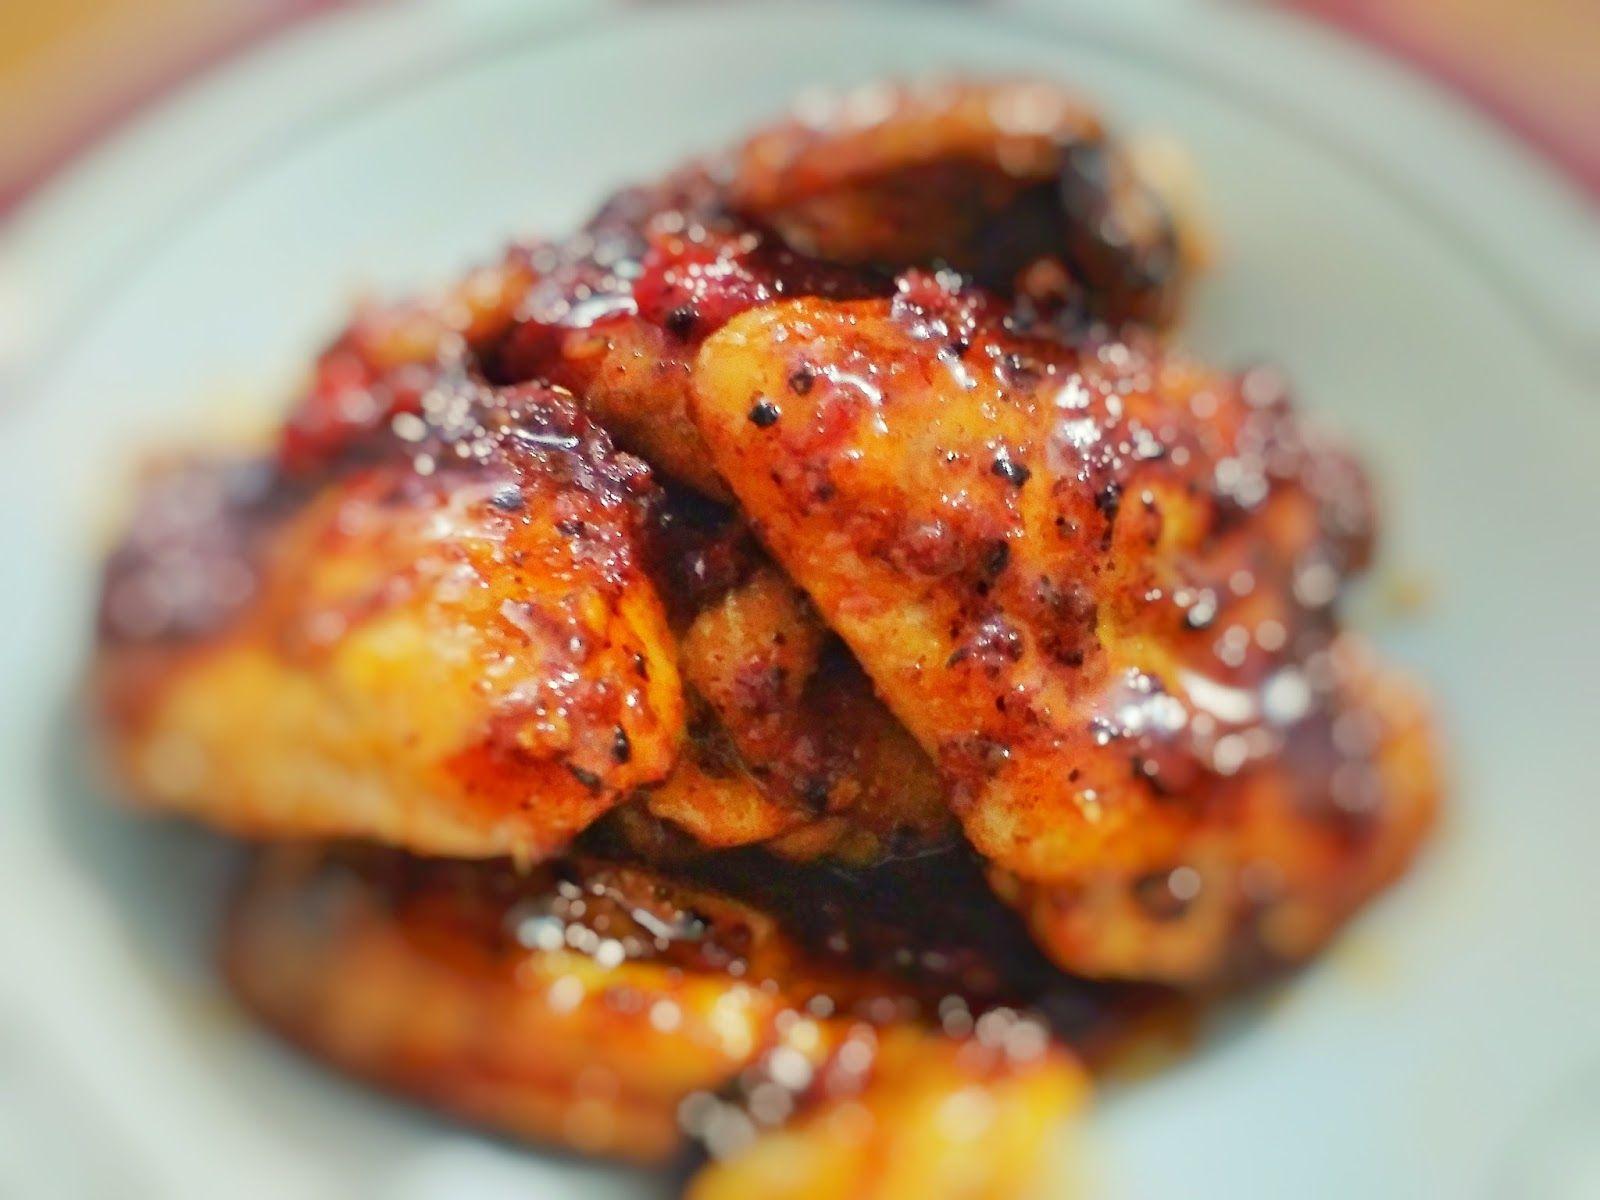 Resep Sayap Ayam Saus Mentega Resep Segala Masakan Web Id Resep Sayap Ayam Sayap Ayam Masakan